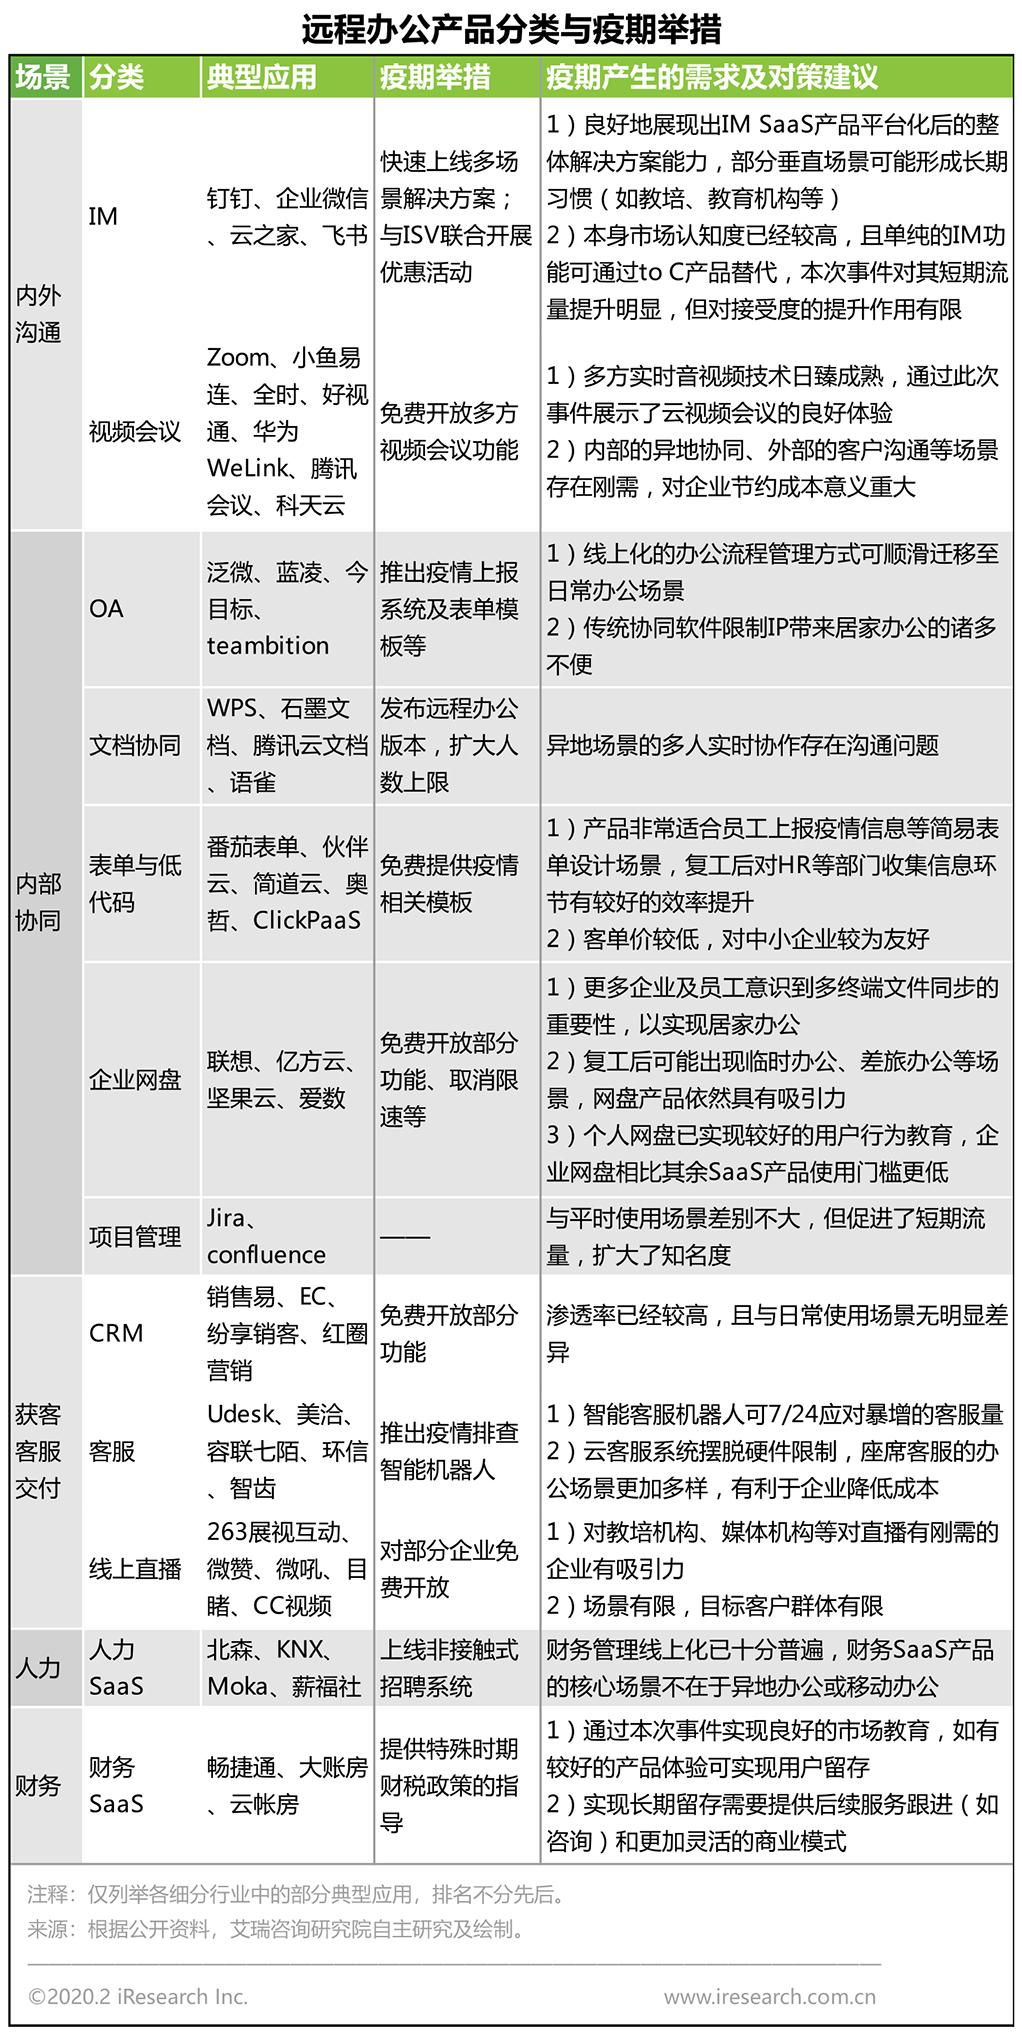 艾瑞疫期产业观察:远程办公的机会与策略-3.png